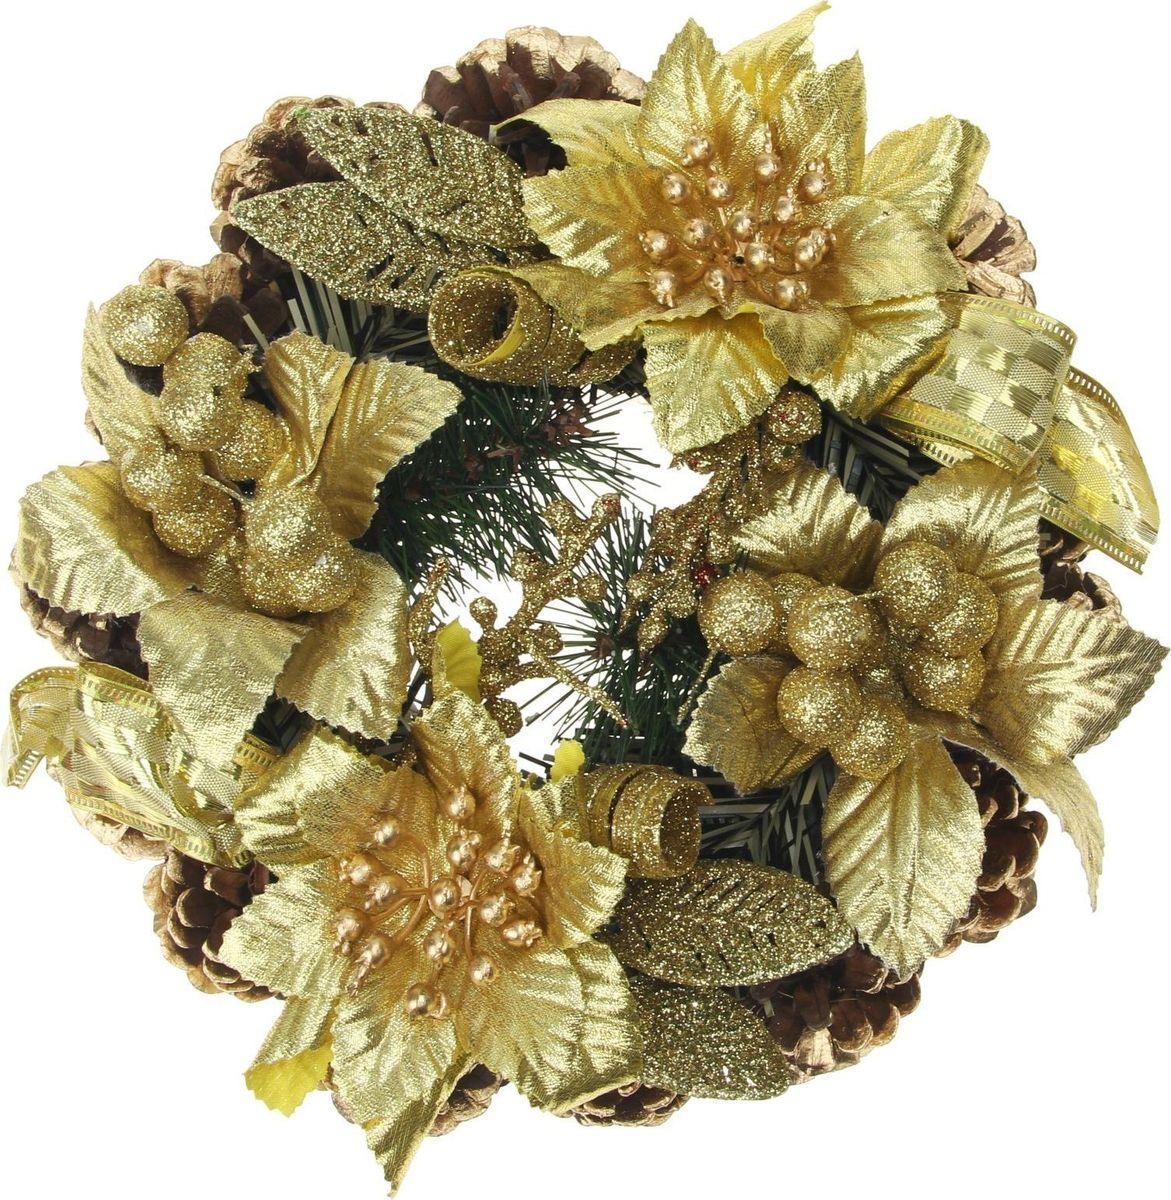 Новогоднее декоративное украшение Sima-land Венок. С цветами и лентами, золото, диаметр 20 см свеча ароматизированная sima land лимон на подставке высота 6 см